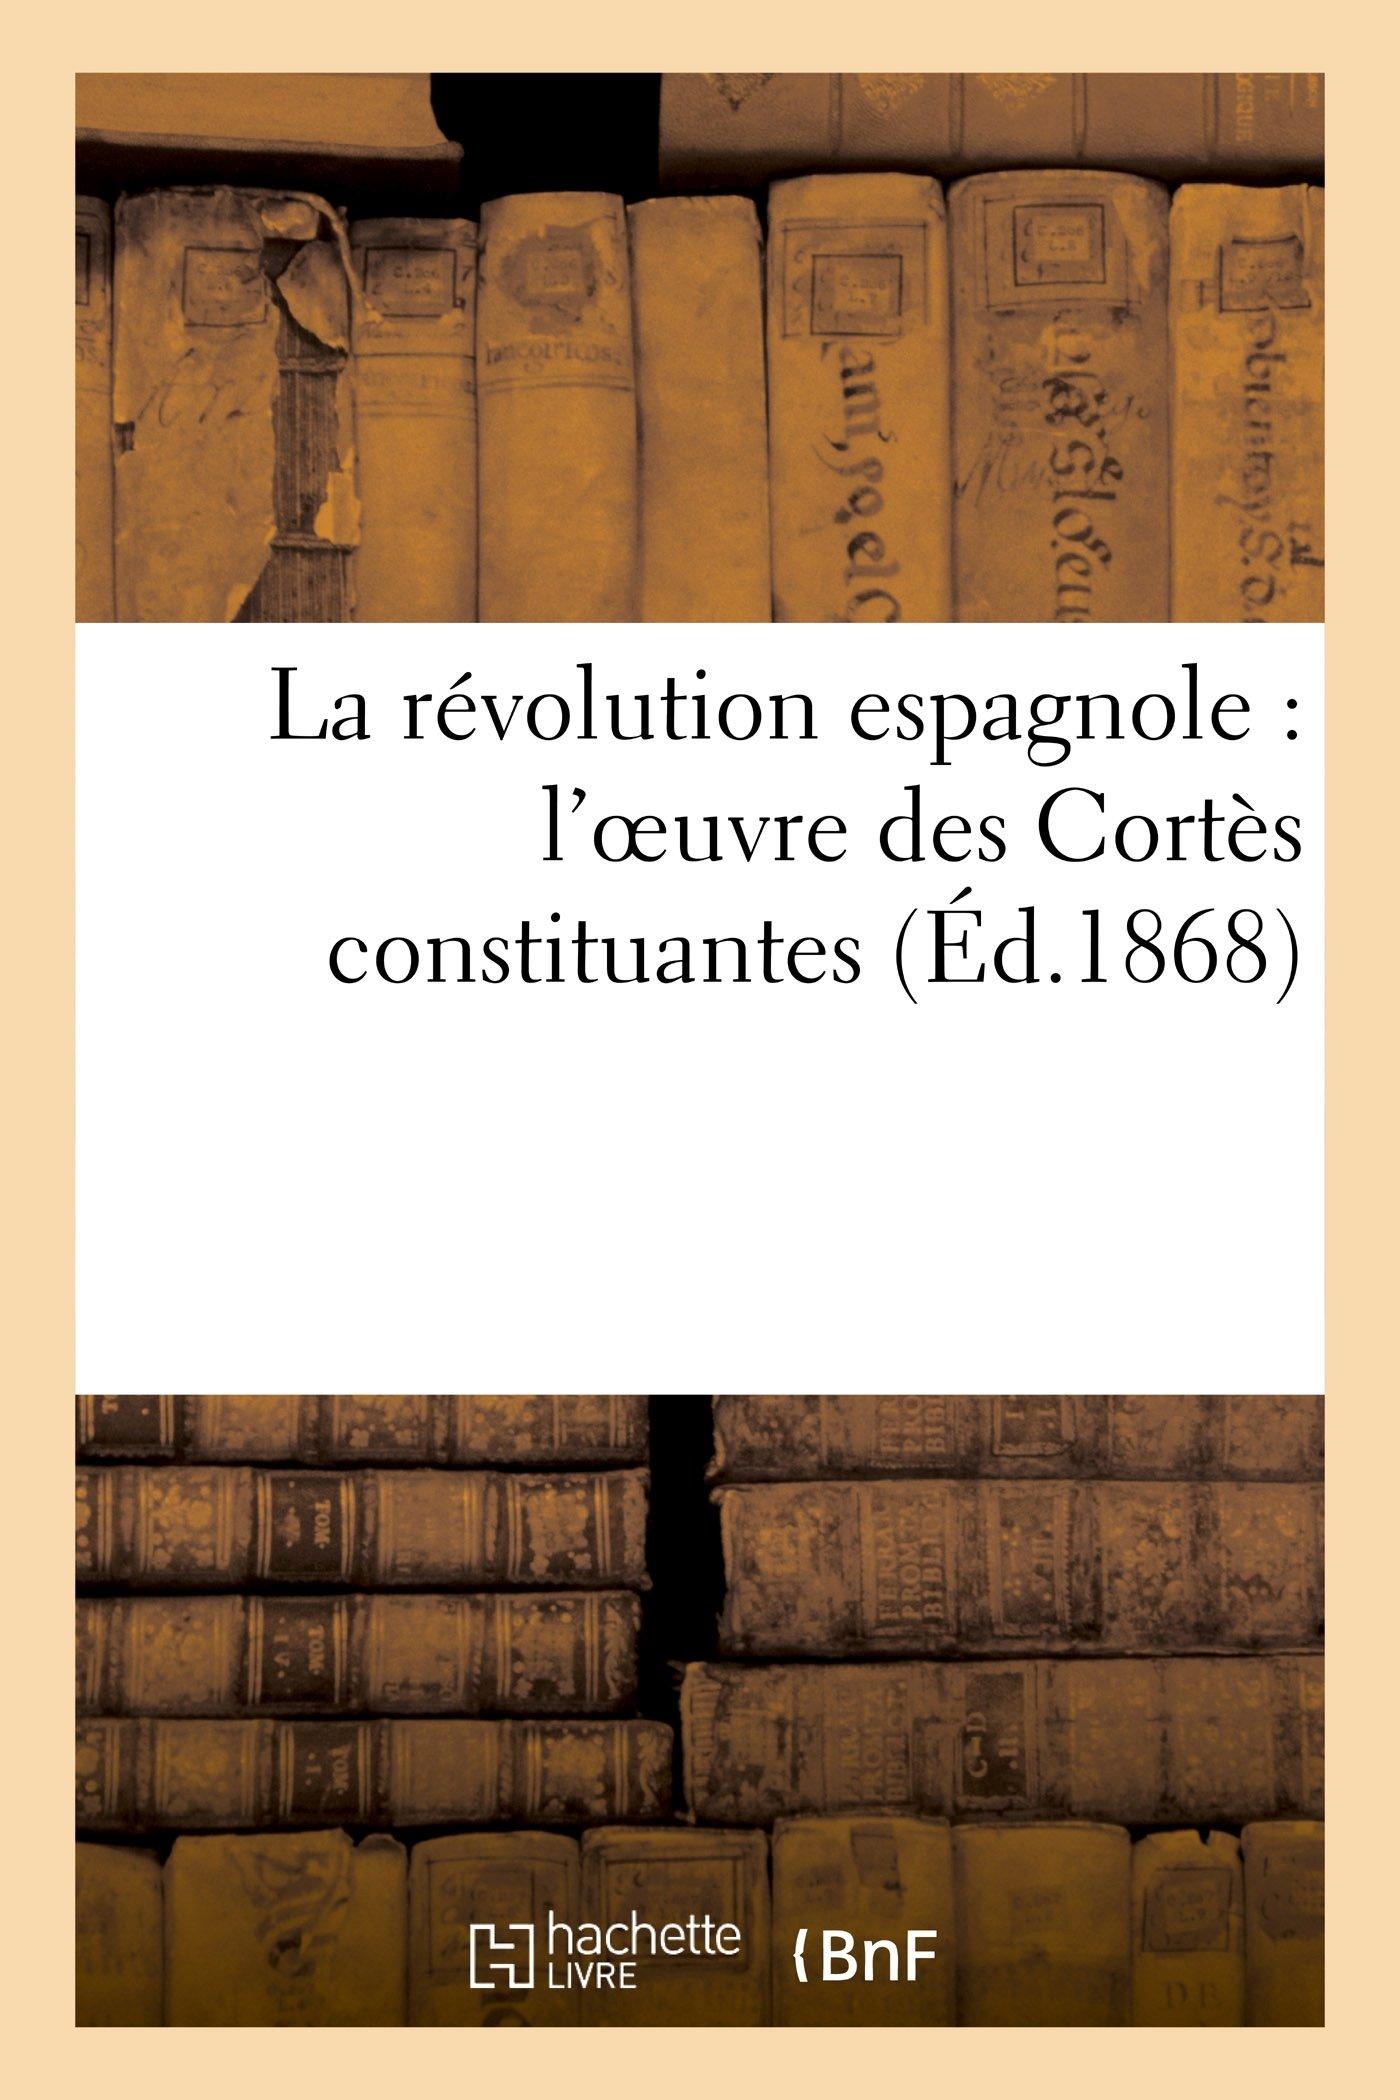 La révolution espagnole: l'oeuvre des Cortès constituantes (Éd.1868) (Histoire) (French Edition) pdf epub